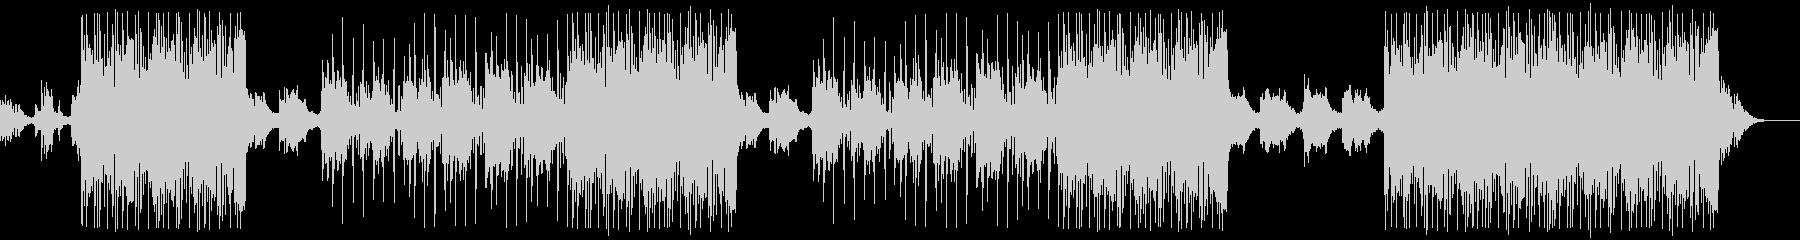 綺麗に響くピアノ/ミディアムバラードの未再生の波形